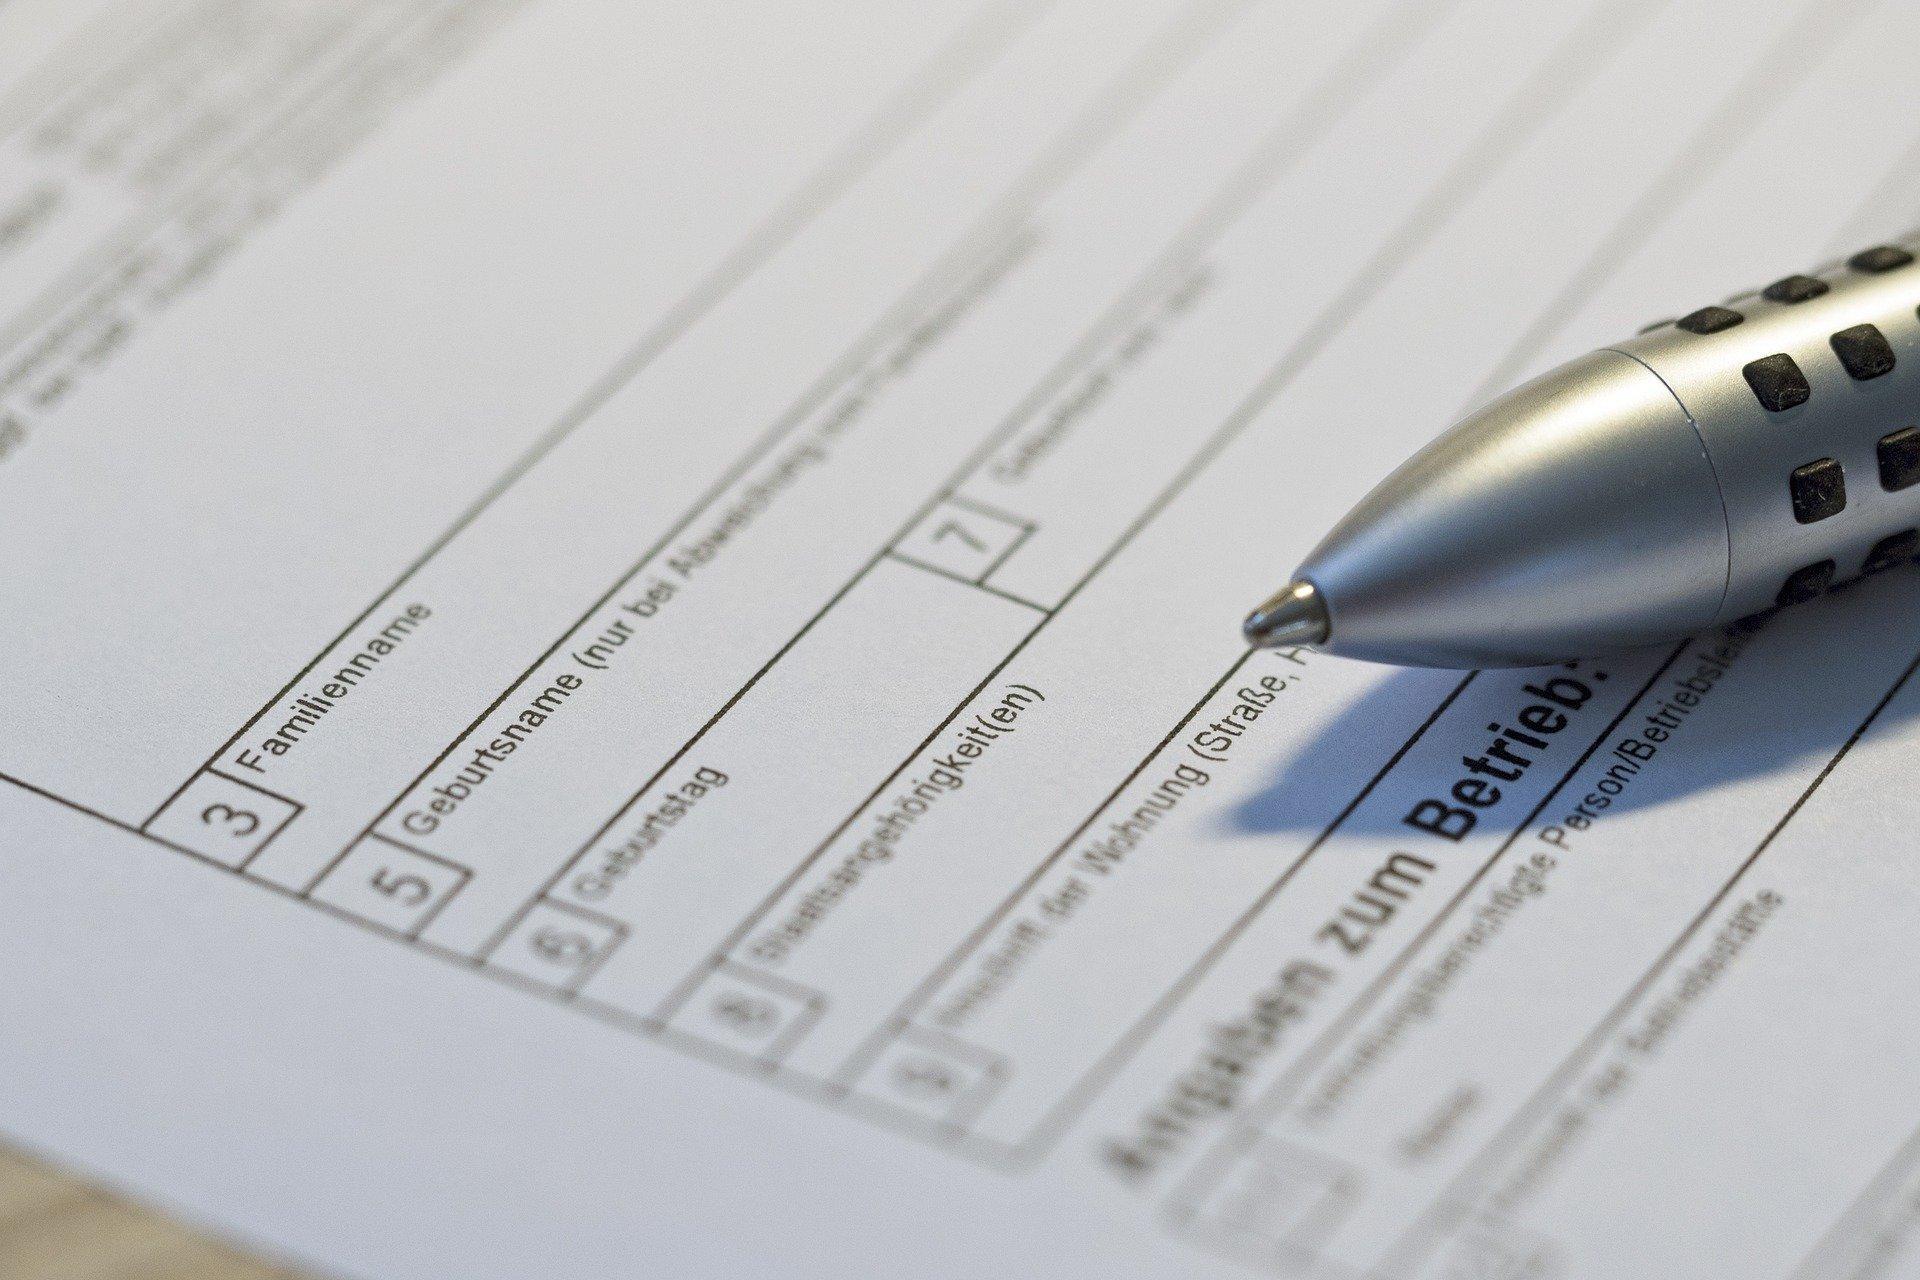 Bild Formular und Stift, Quelle: Bild von Krissie auf Pixabay